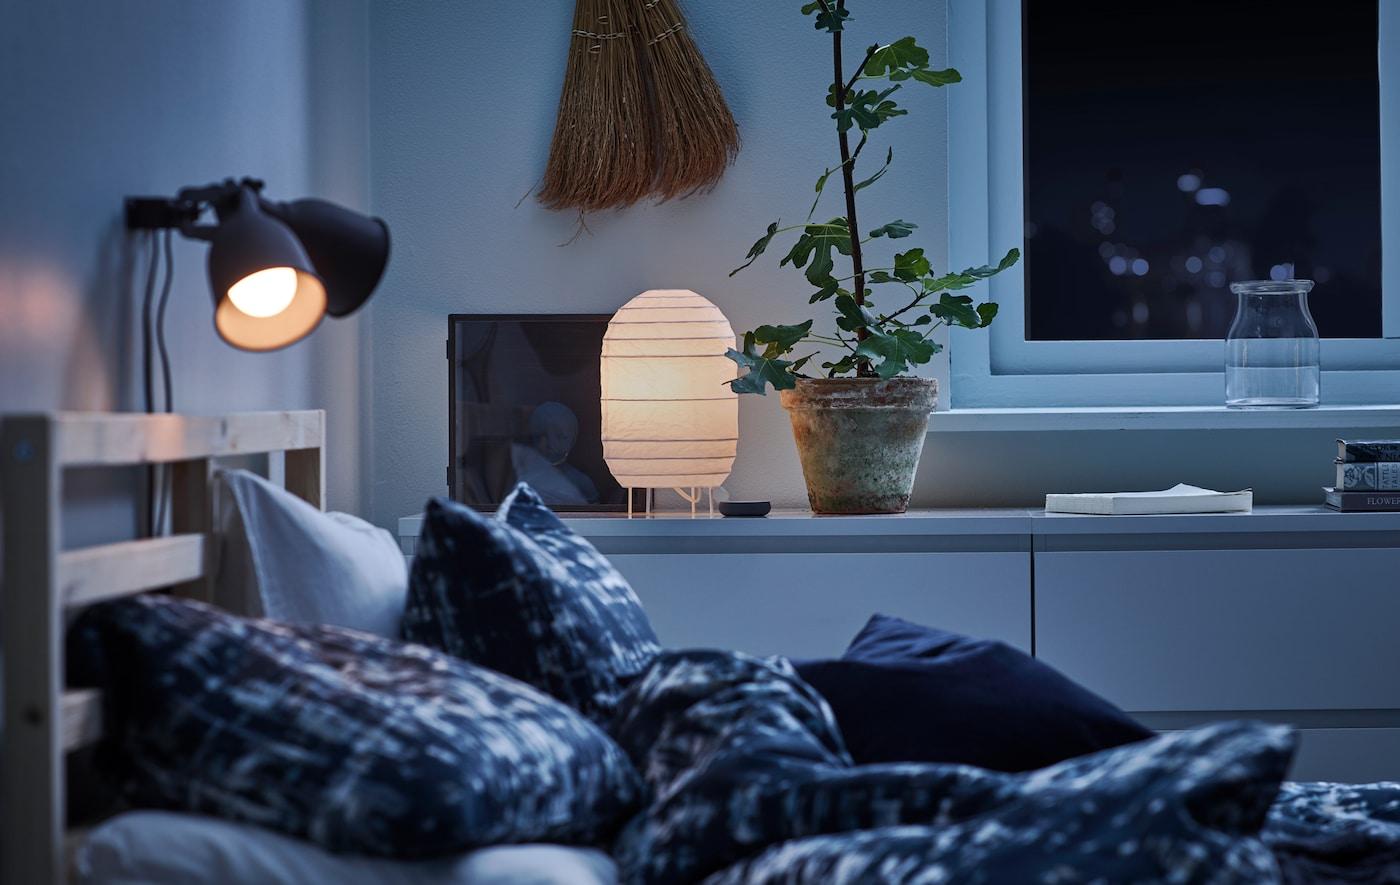 هل ترغب في إضفاء جو عام مفعم بالنعومة والدفء في منزلك؟ احصل عليه مع الإضاءة المناسبة! جرب مصباح ورقي بلمبة ذات إضاءة زخرفية مفعمة بالدفء. مصباح الطاولة STORUMAN مثالي كمصباح بجانب السرير.